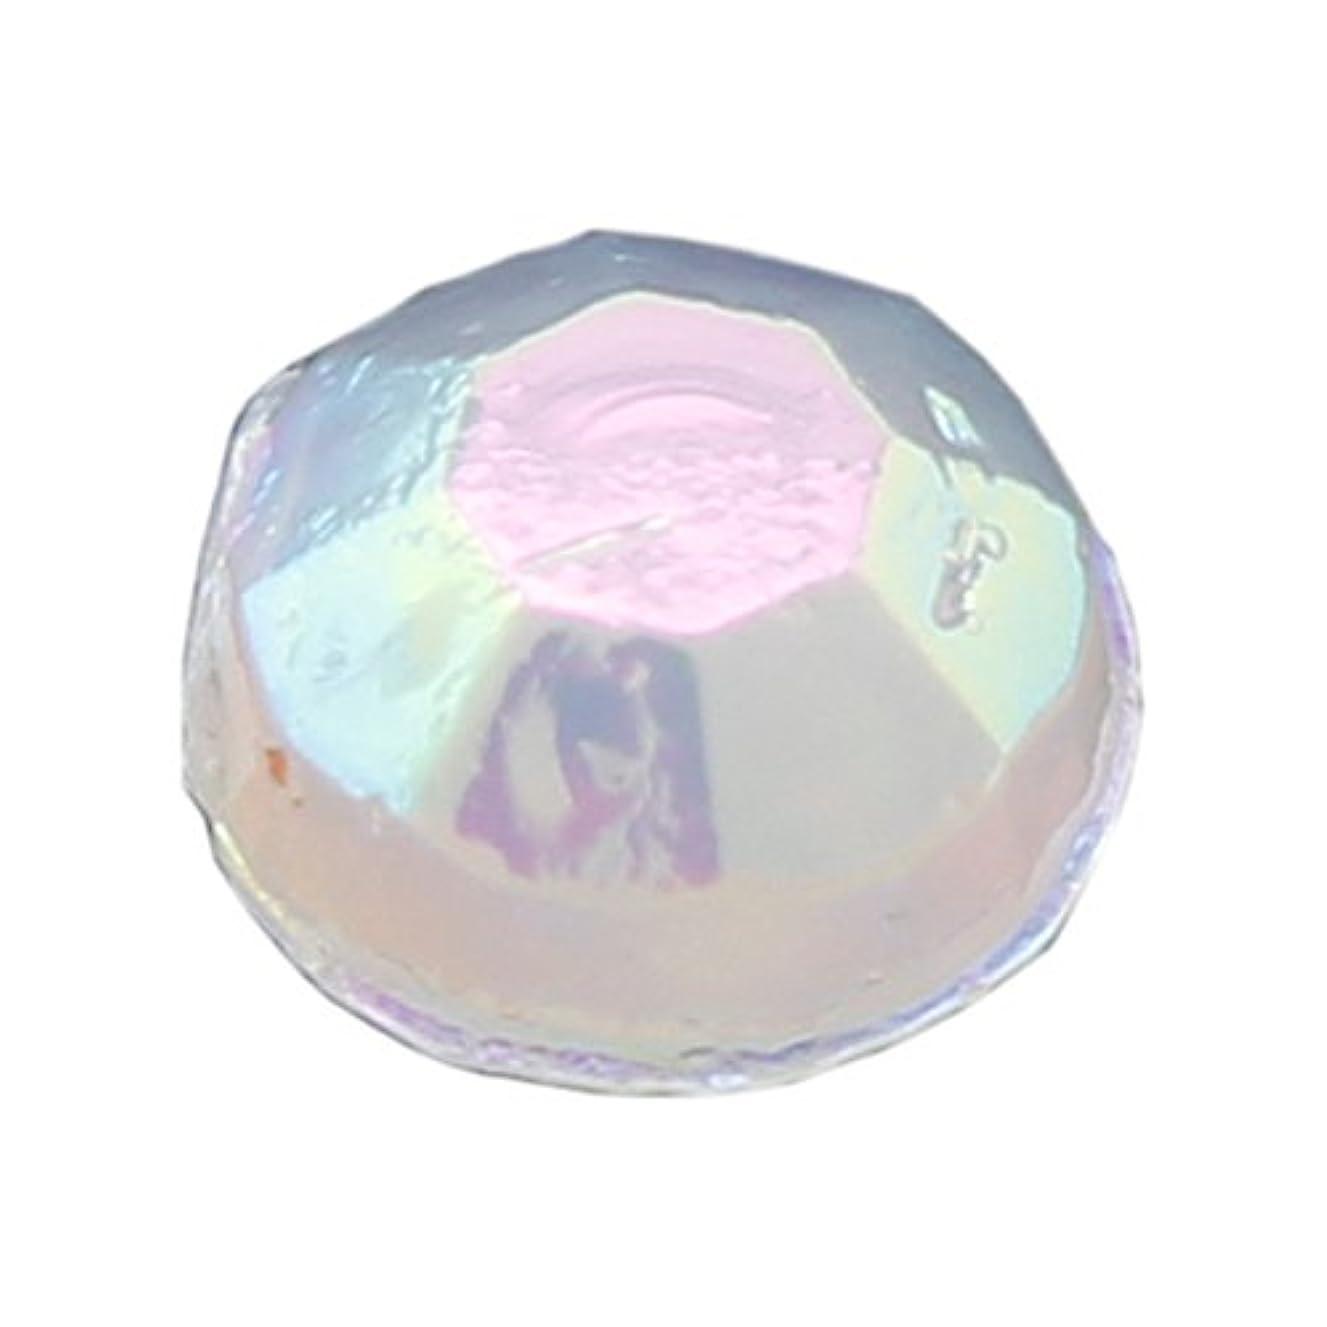 無限モチーフ記述するパール 2mm ホワイト(50個入り)